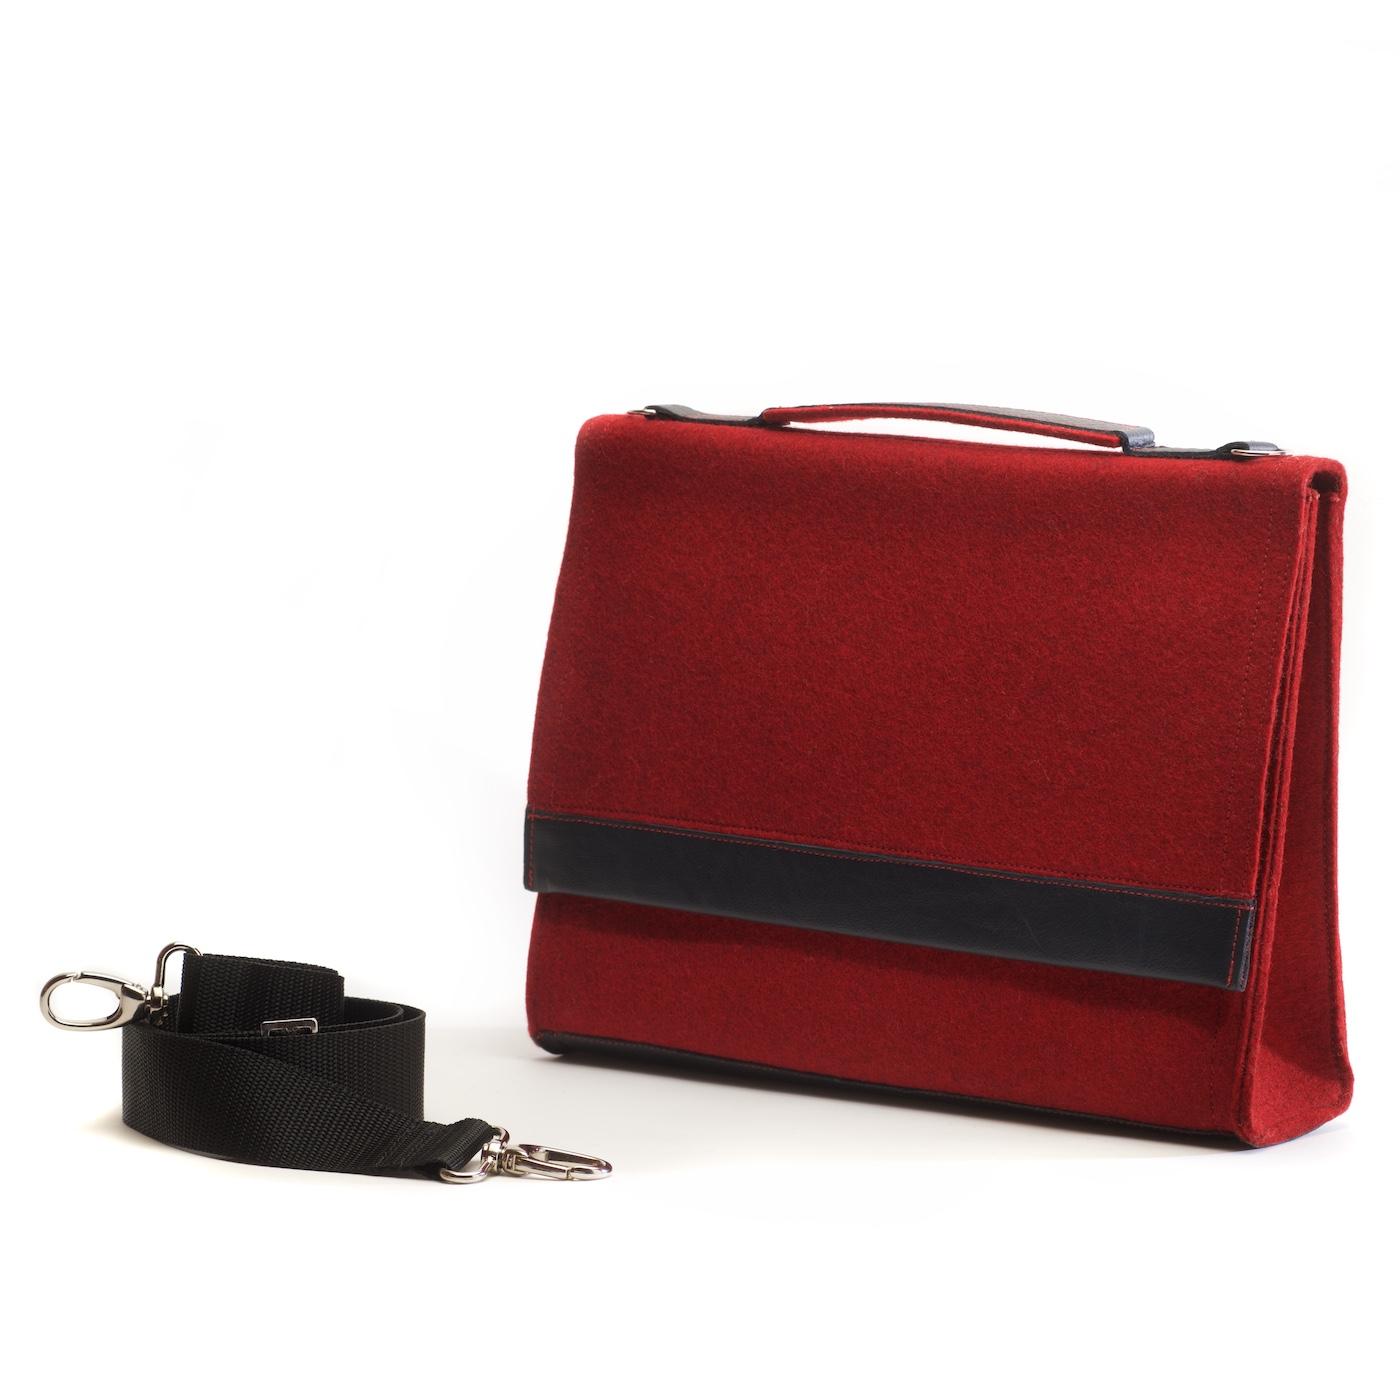 Die Handtasche Sophie in der Farbkombination Rot-Schwarz 4